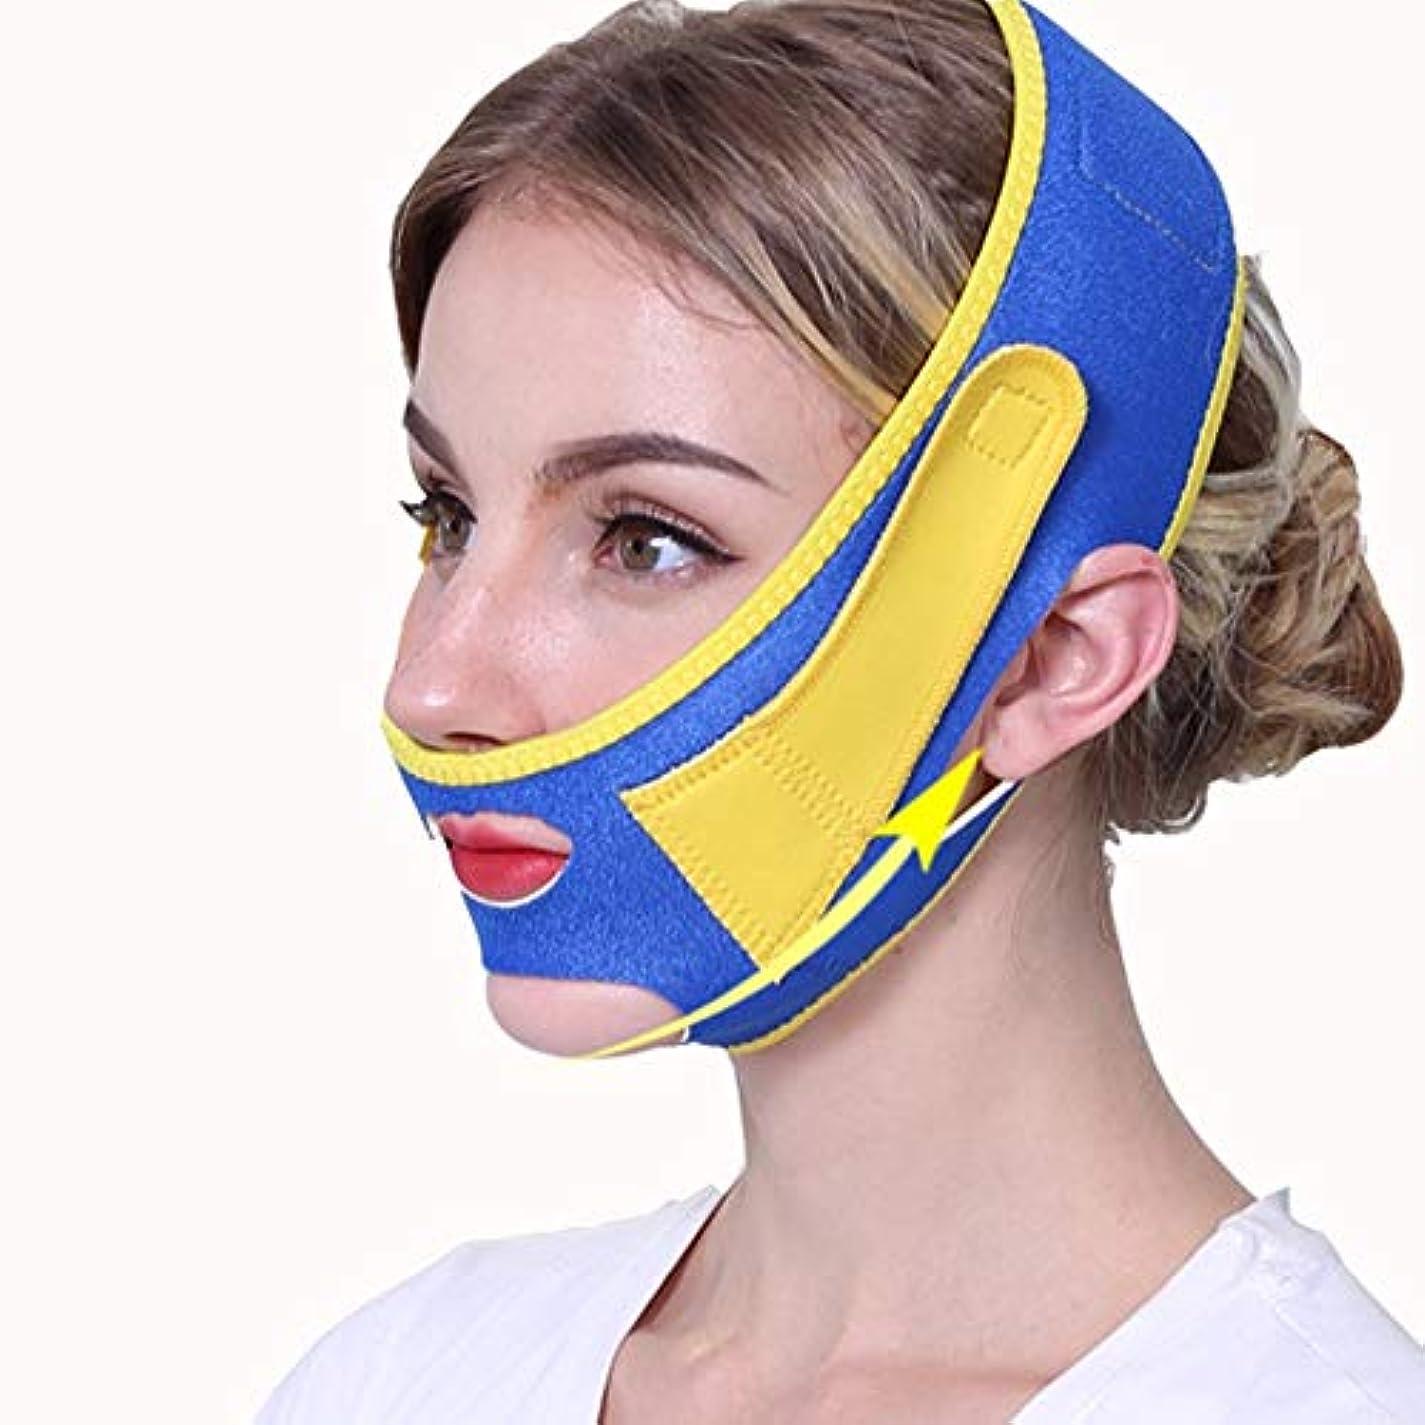 ハリウッド増強豊富にGYZ フェイシャルリフティング痩身ベルトフェイス包帯マスク整形マスクフェイスベルトを引き締める薄型フェイス包帯整形マスクフェイスと首の顔を引き締めスリム Thin Face Belt